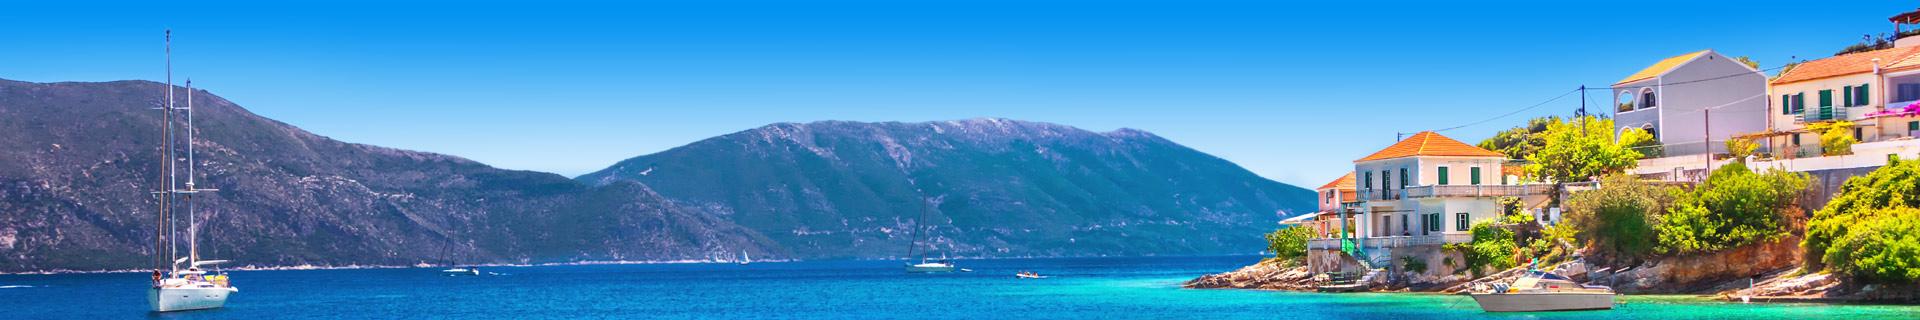 kan ik op vakantie naar griekenland?